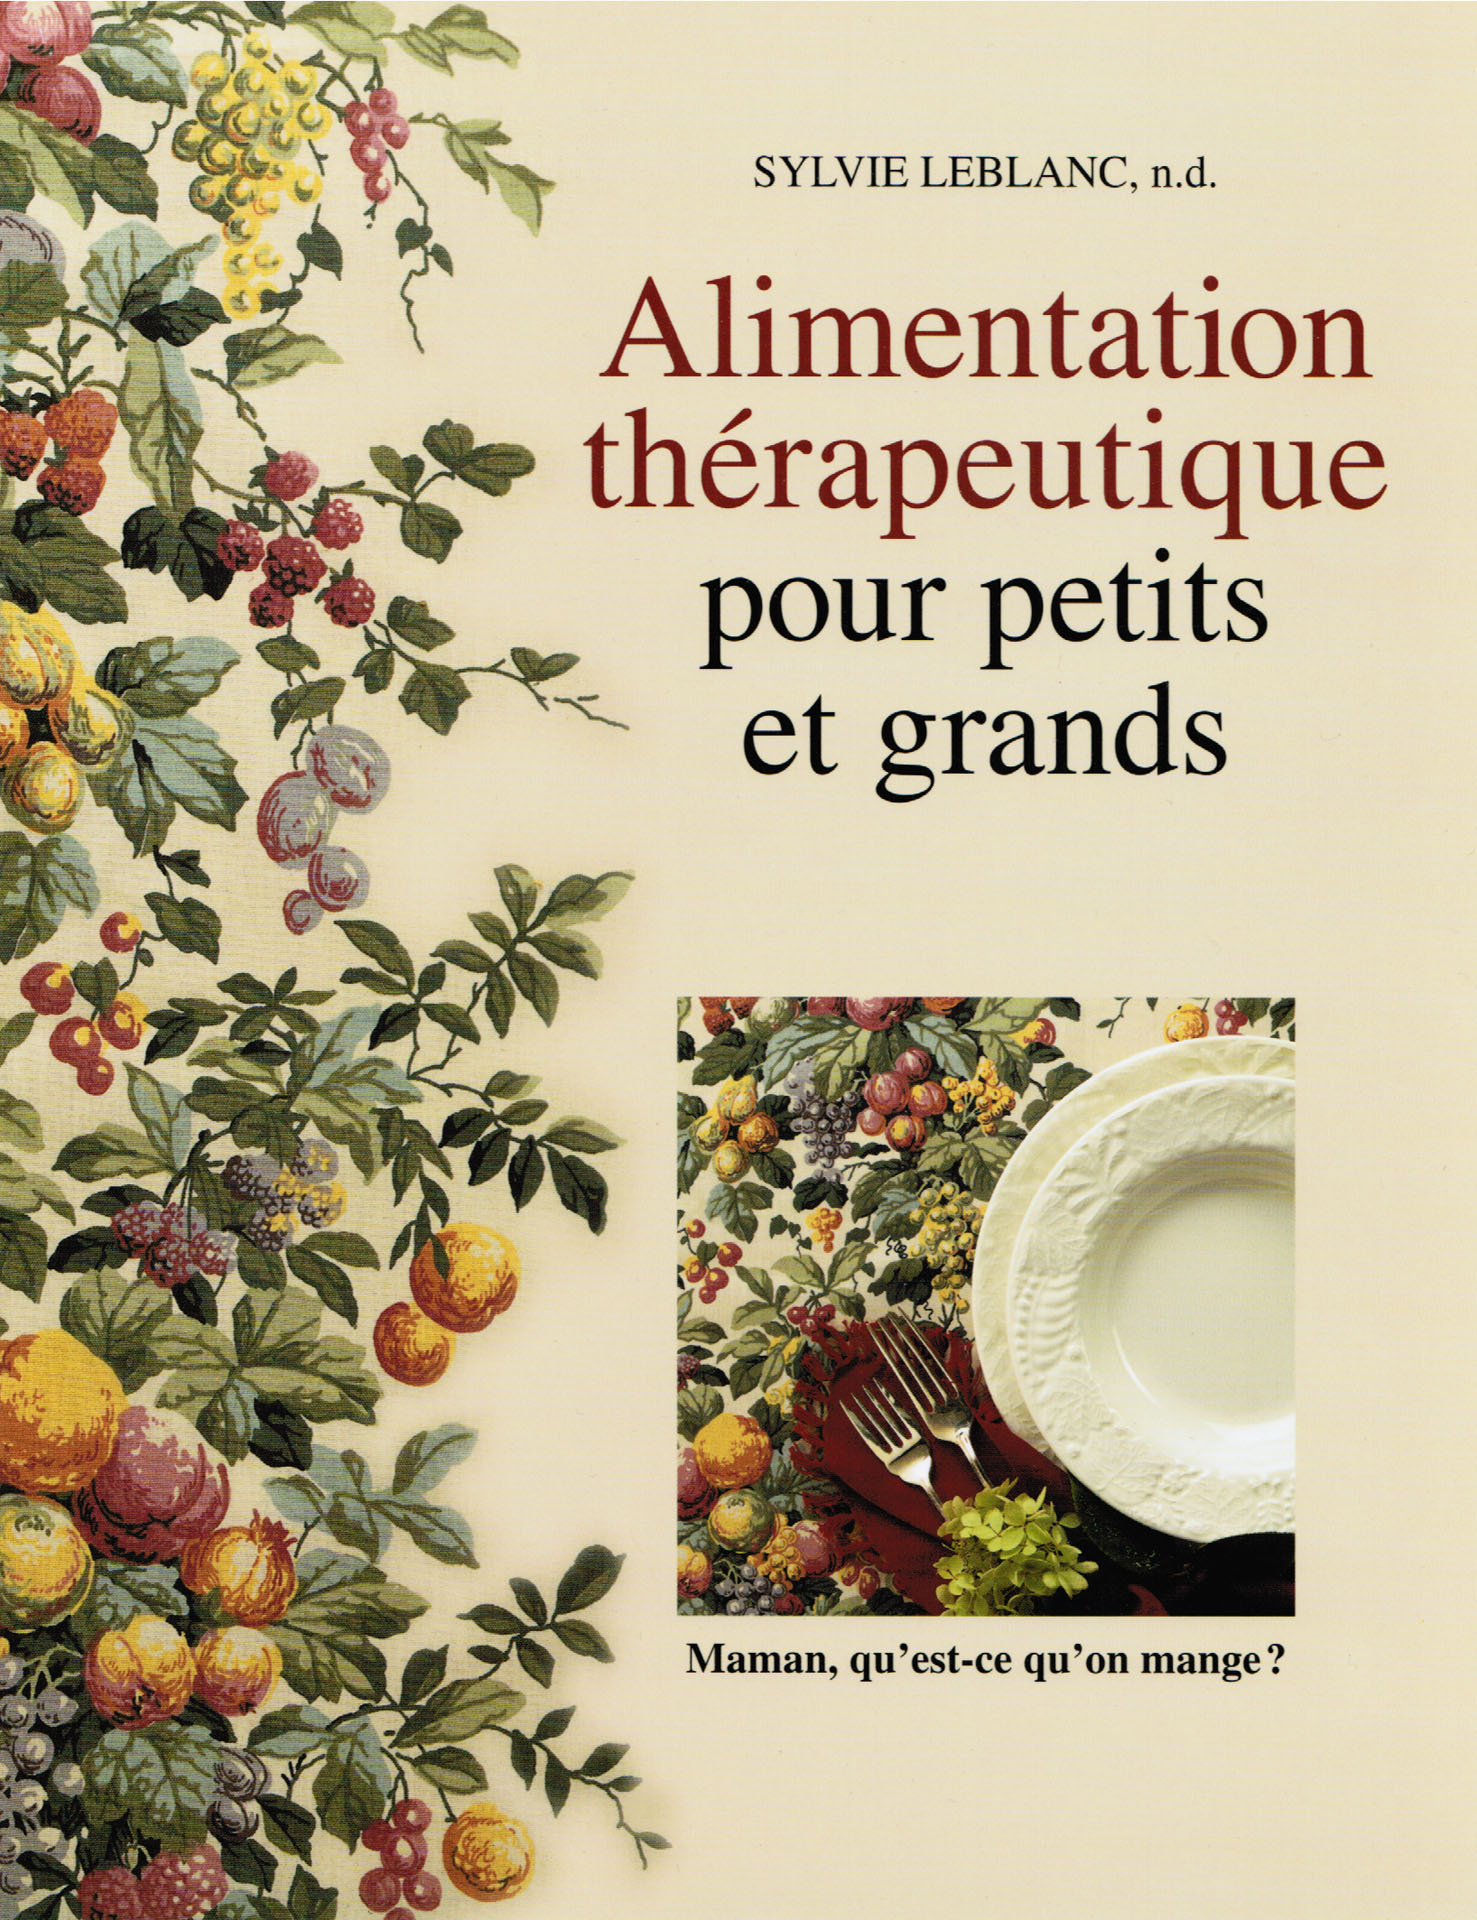 « Alimentation thérapeutique pour petits et grands »